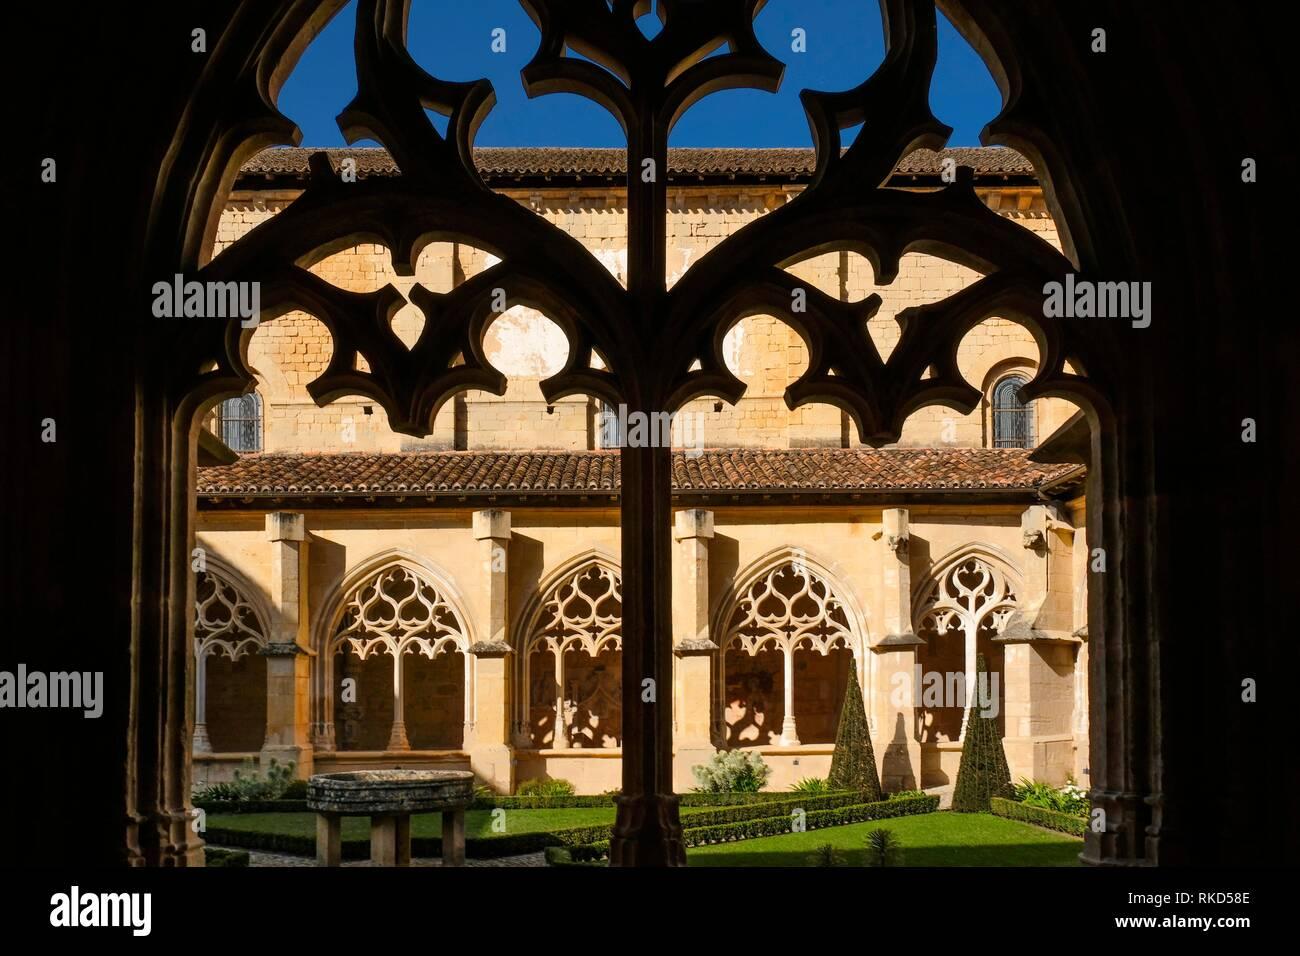 France, Nouvelle Aquitaine, Dordogne, Clauster of Cadouin Abbey, 15th Century. Pilgrimage way to Santiago de Compostela. - Stock Image